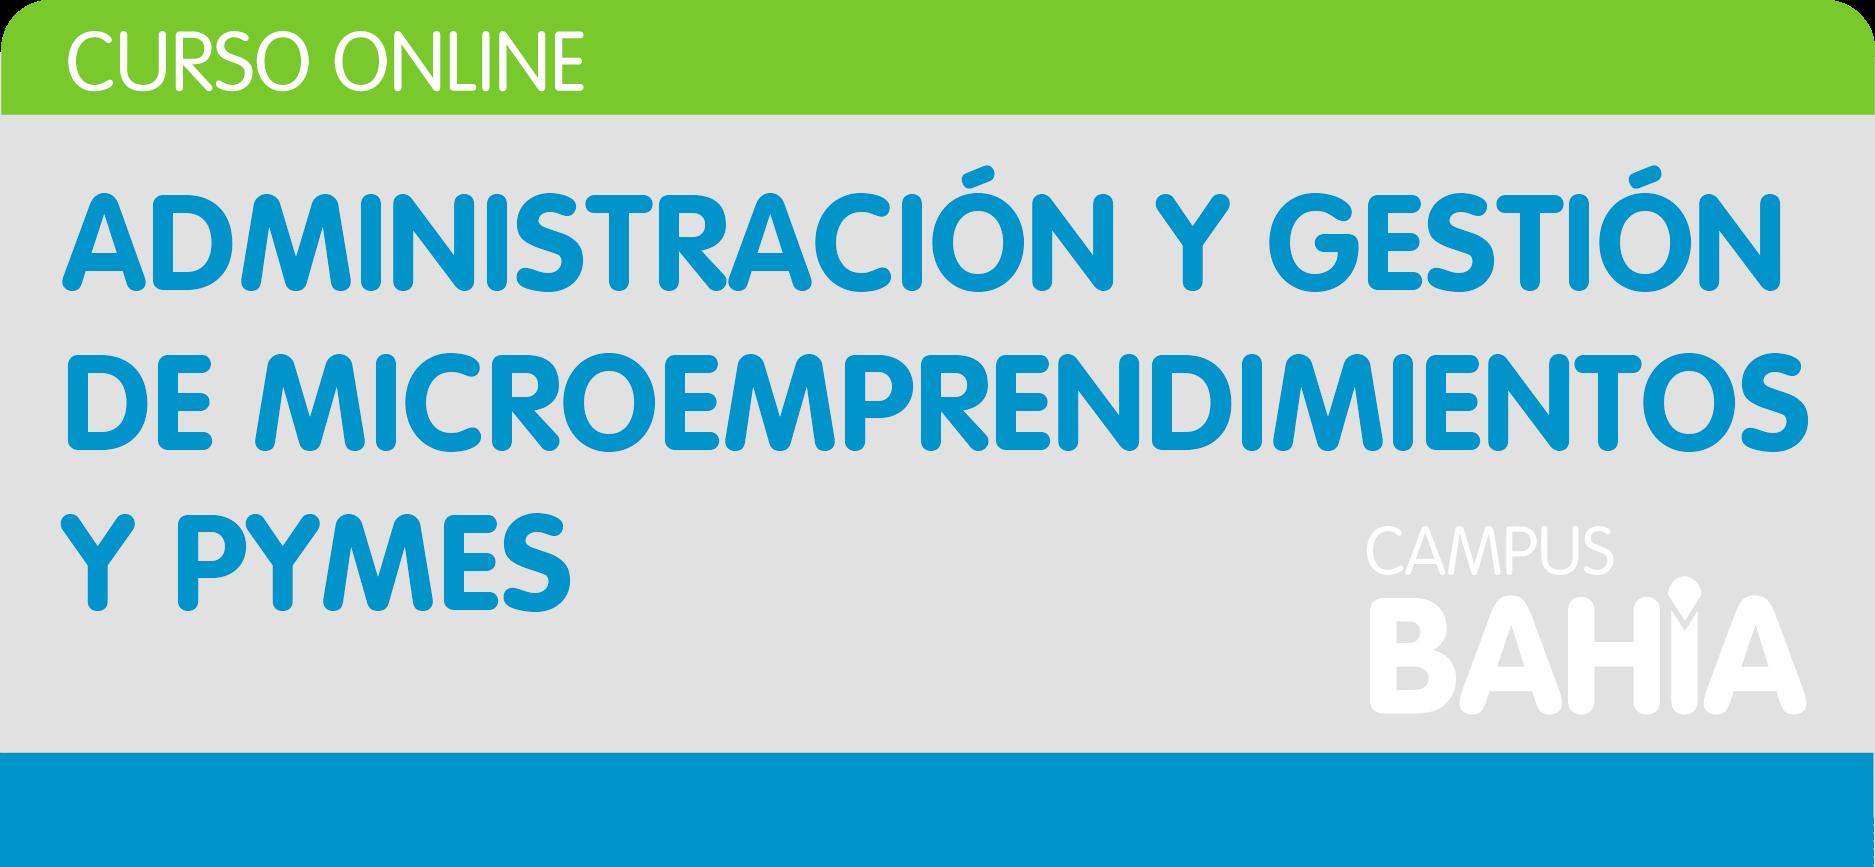 Administración y gestión de microemprendimientos y PyMEs